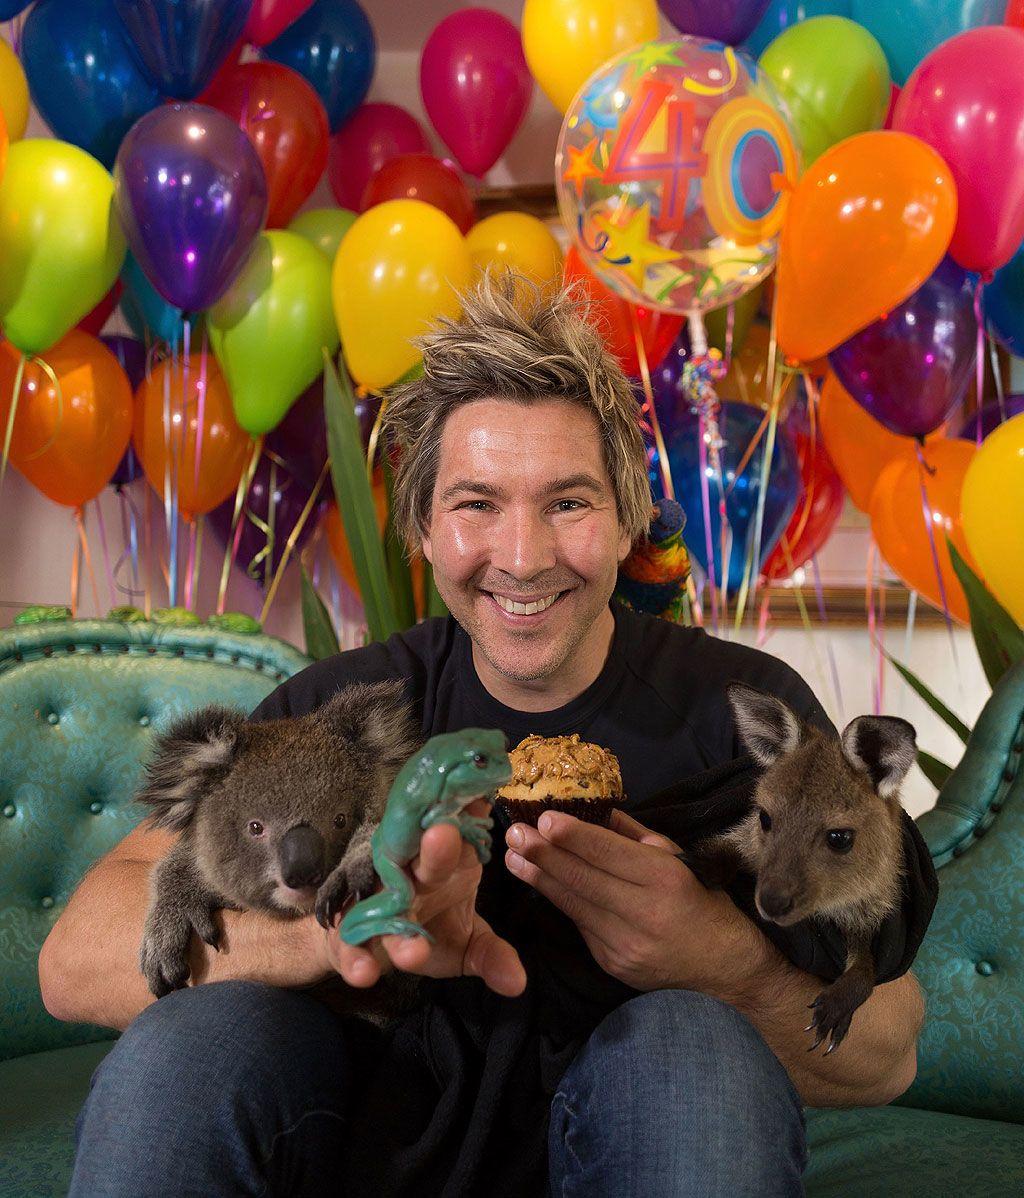 BeMad estrena 'El mago de los animales' con Chris Humfrey